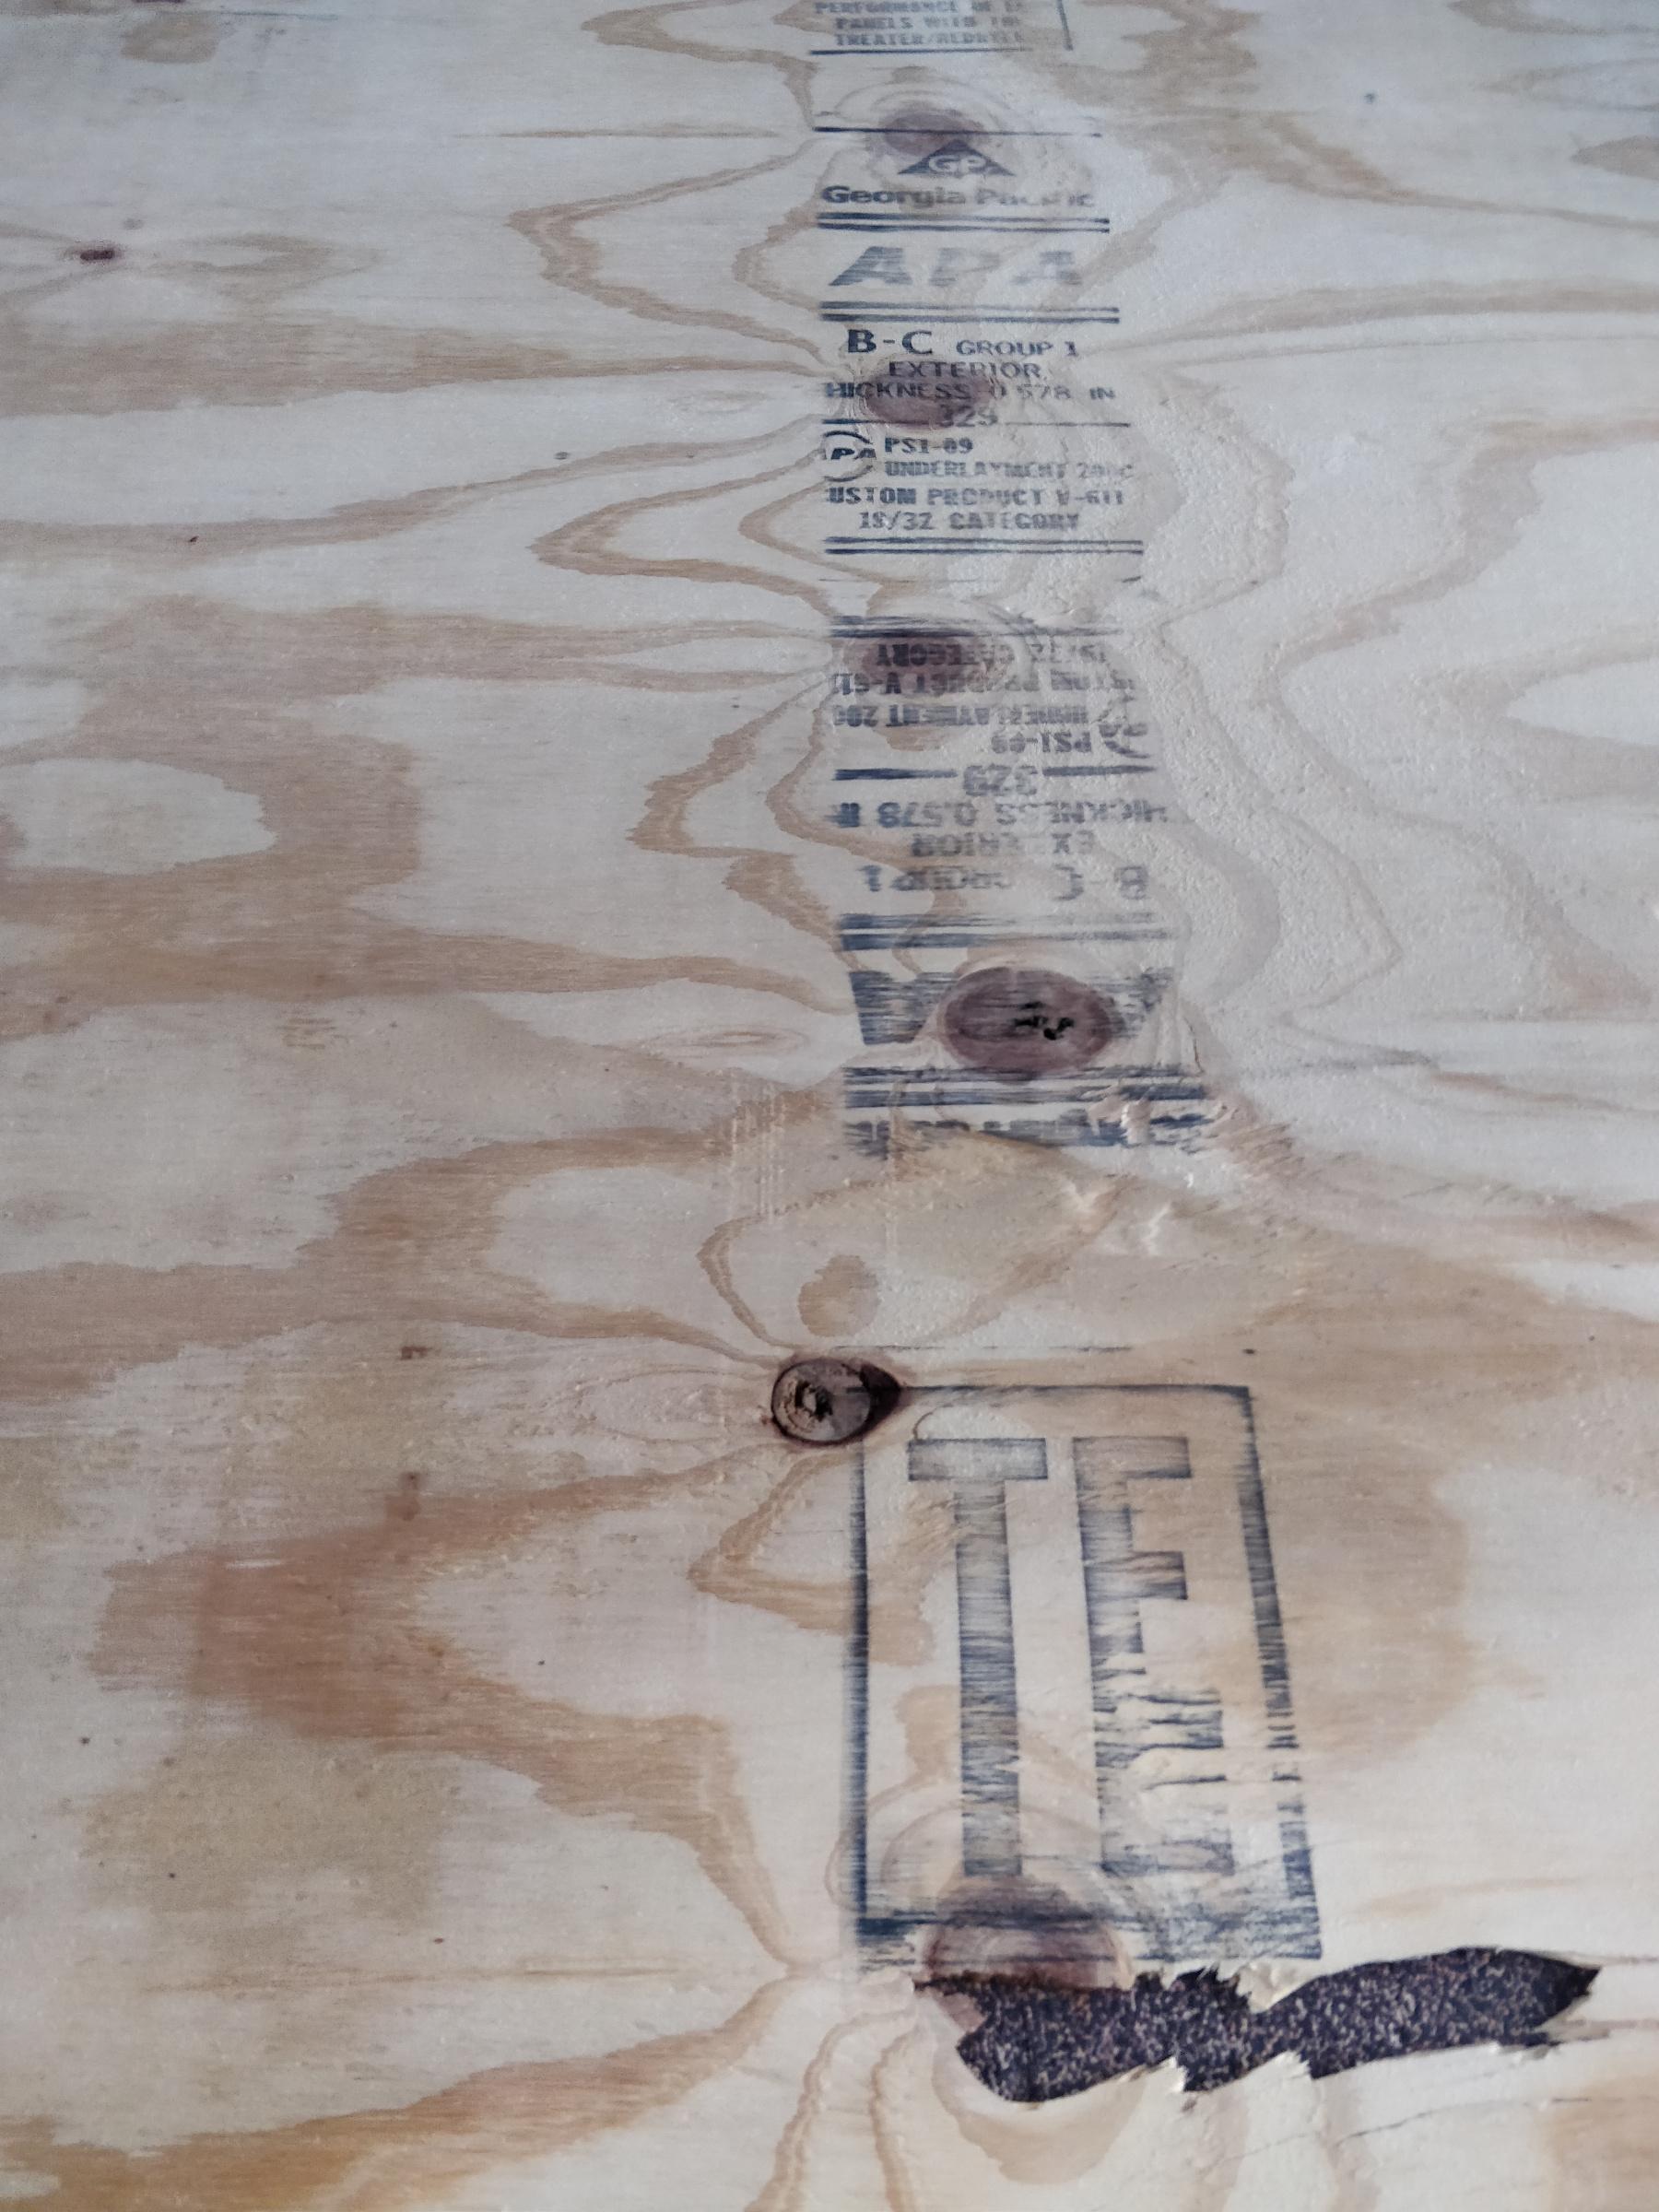 Can I tile over exterior plywood for kitchen backsplash?-img_20200321_150254__01.jpg